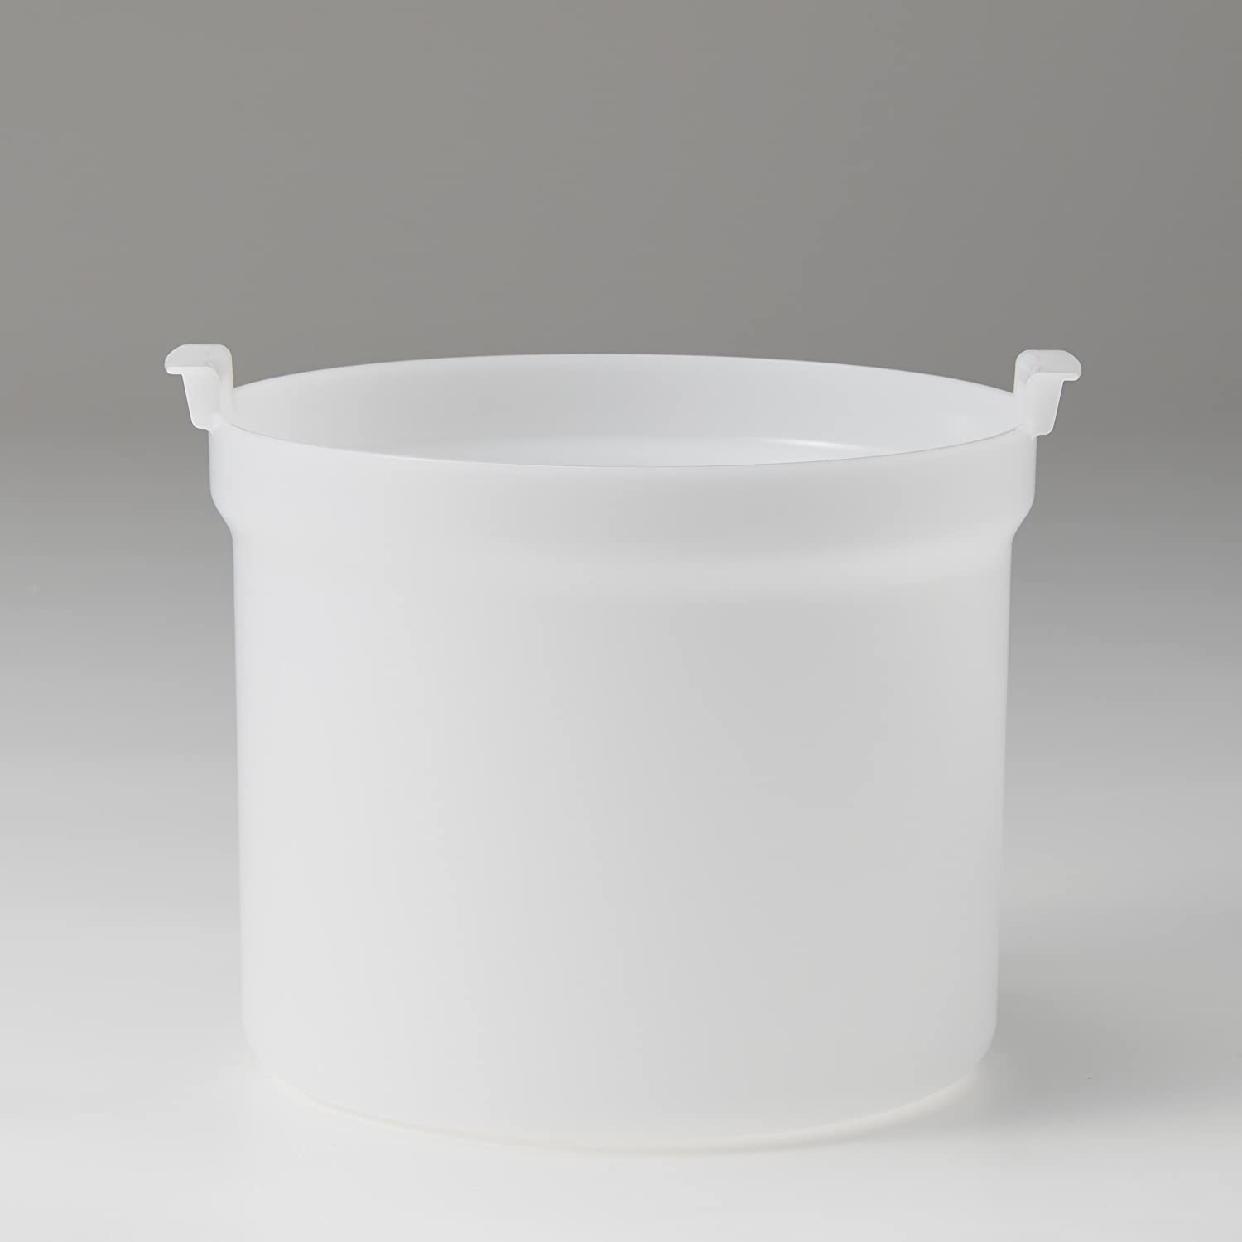 タイガー魔法瓶(タイガー)精米器(米とぎ機能つき)RSF-A100R レッドの商品画像3